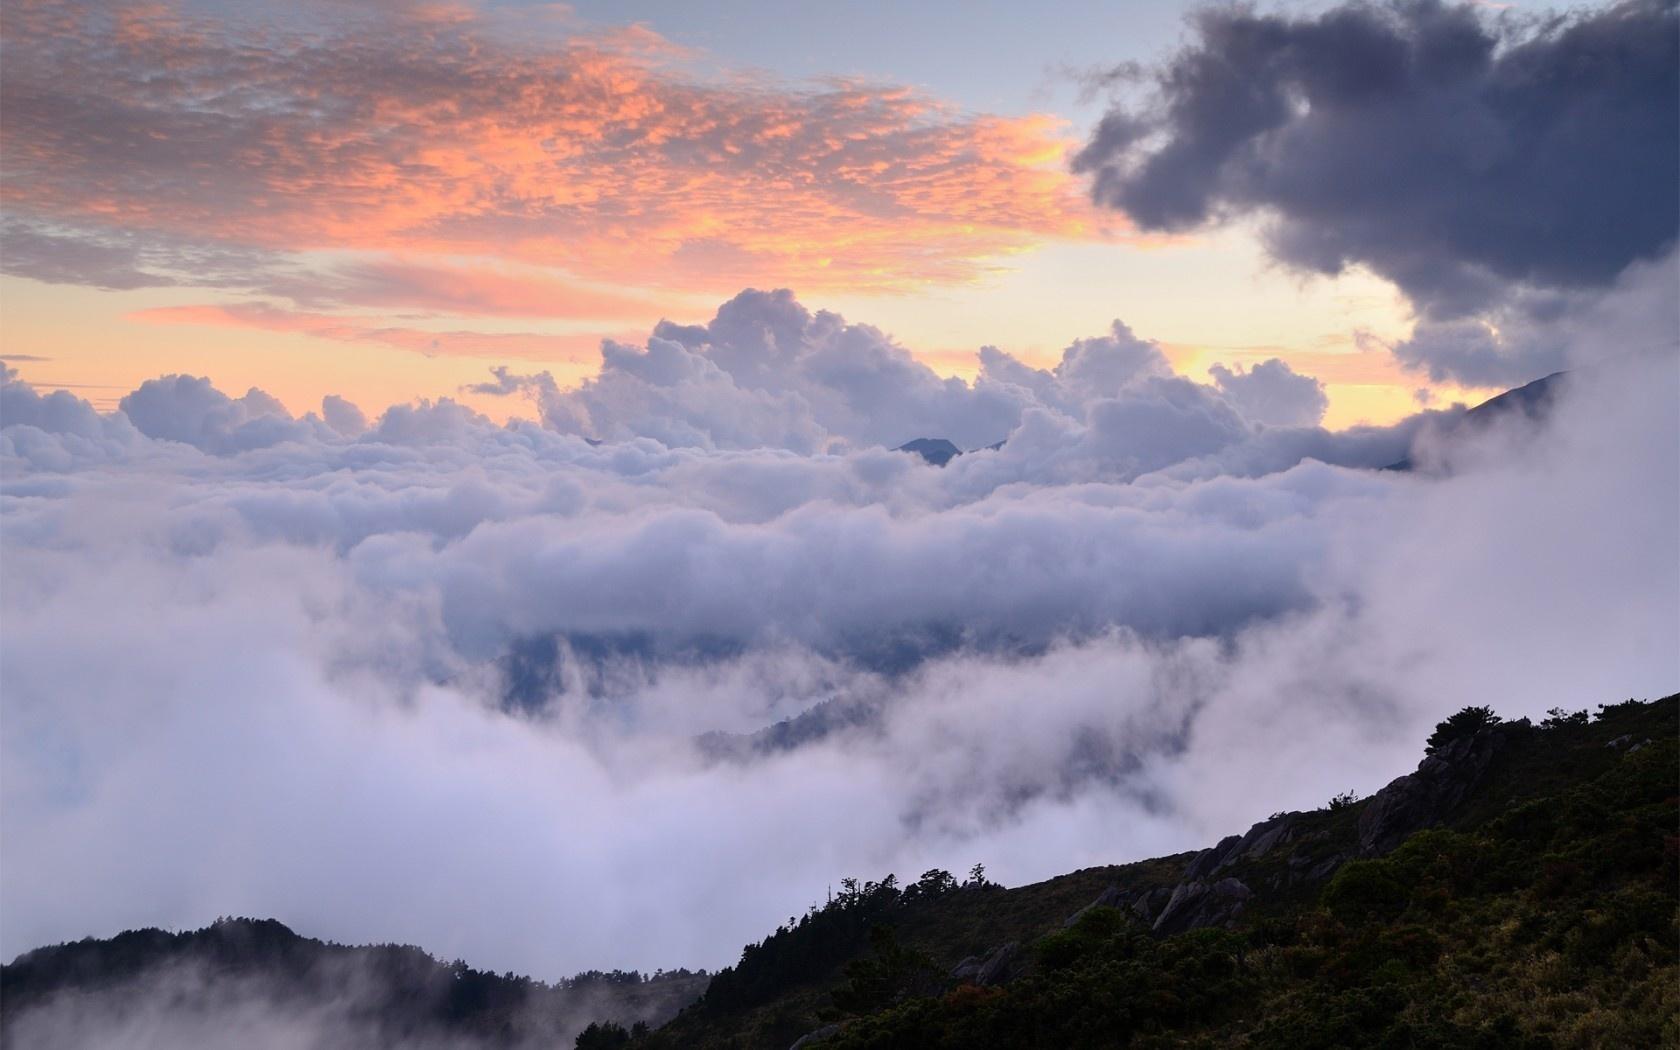 картинка выше облаков в горах бобслеистов шляпка как